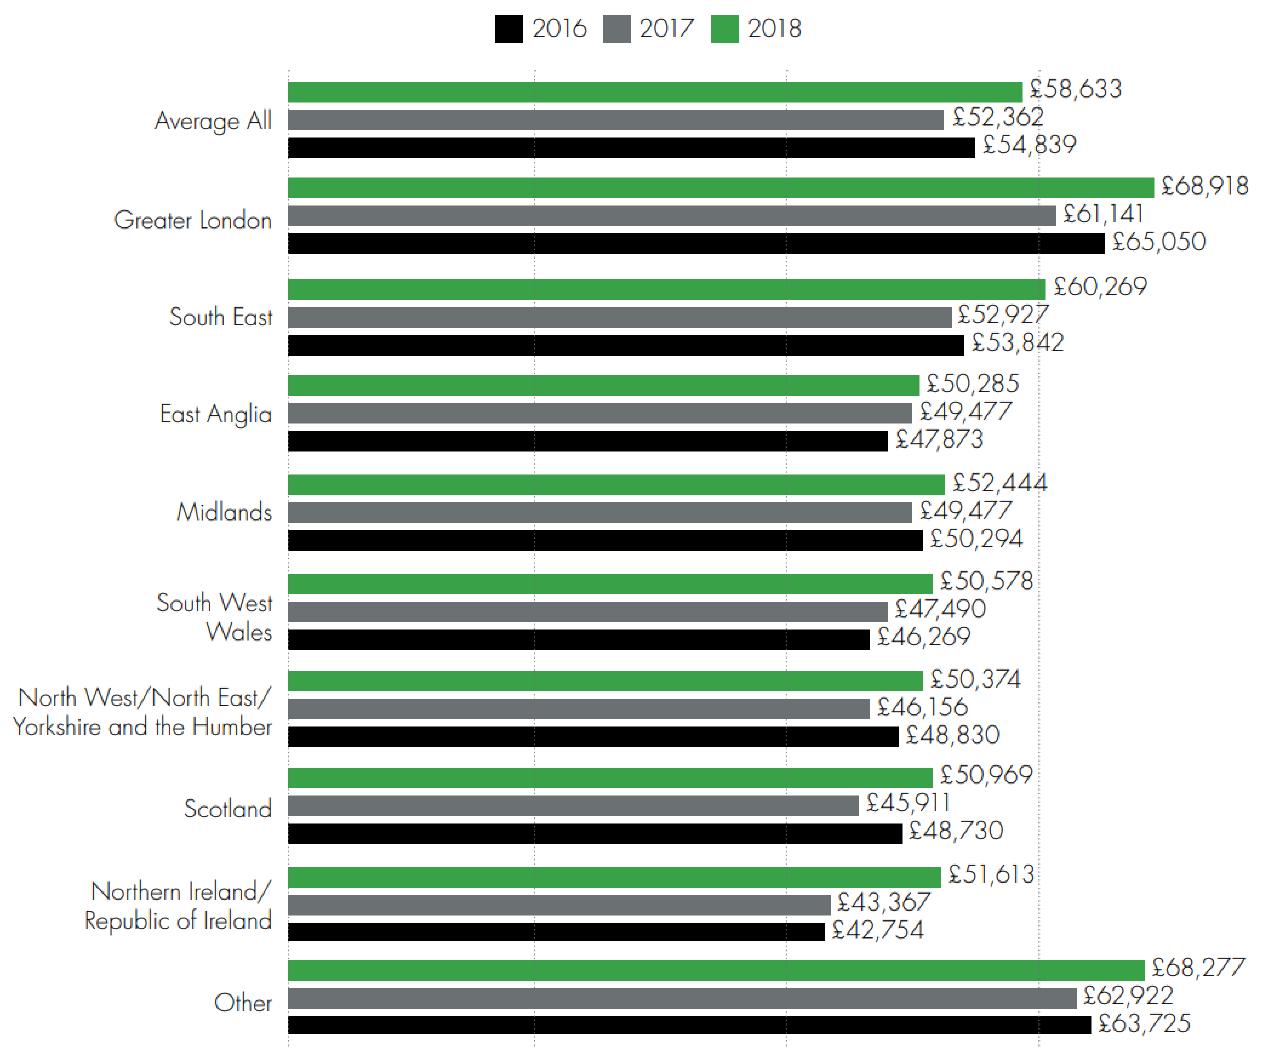 Salary survey-Base salary by region